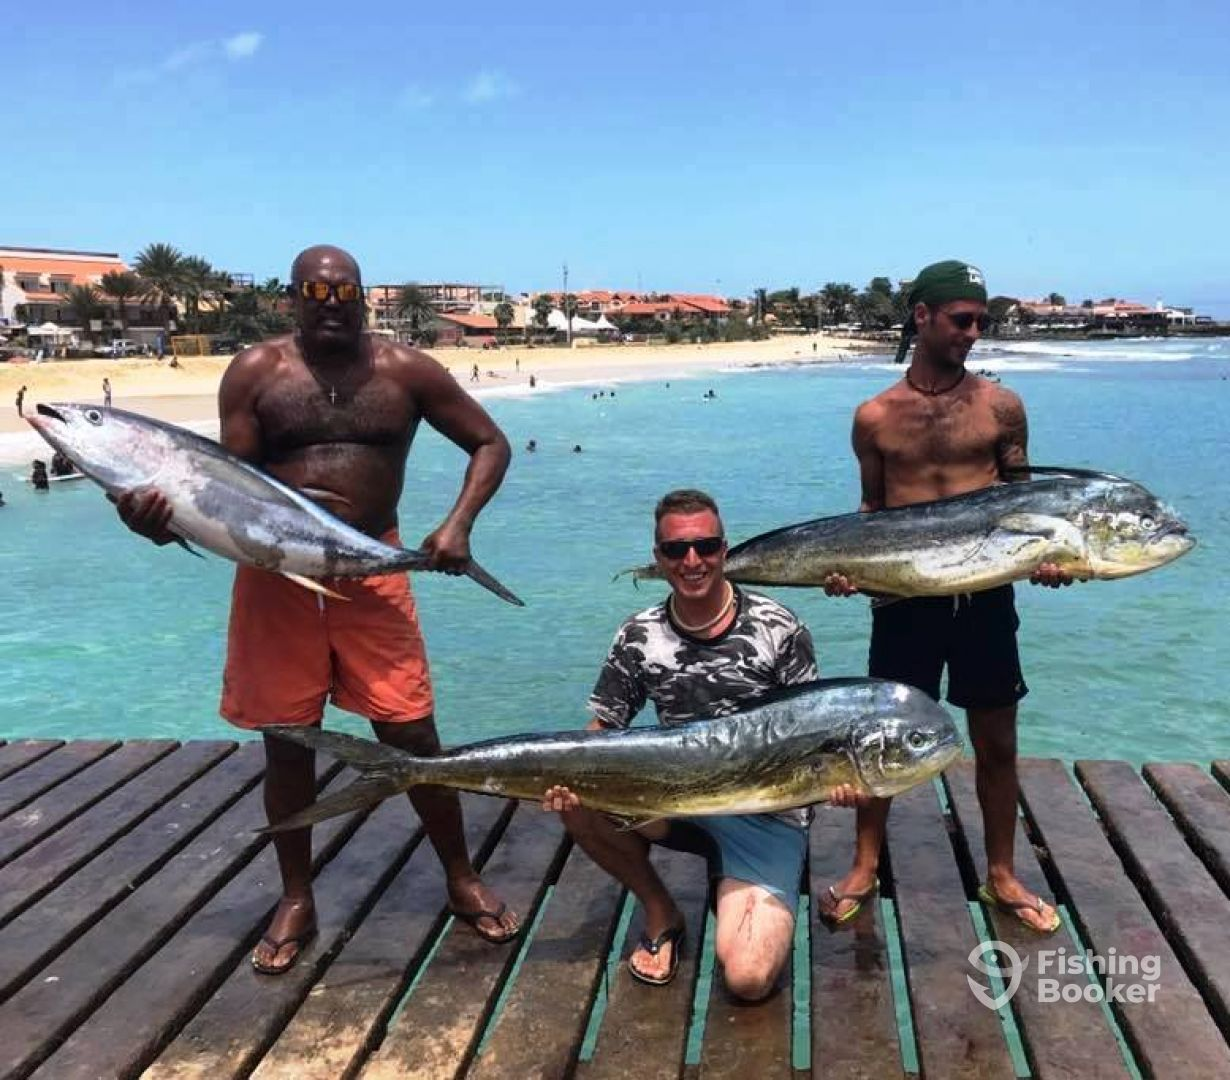 Santa Maria Fishing Charter